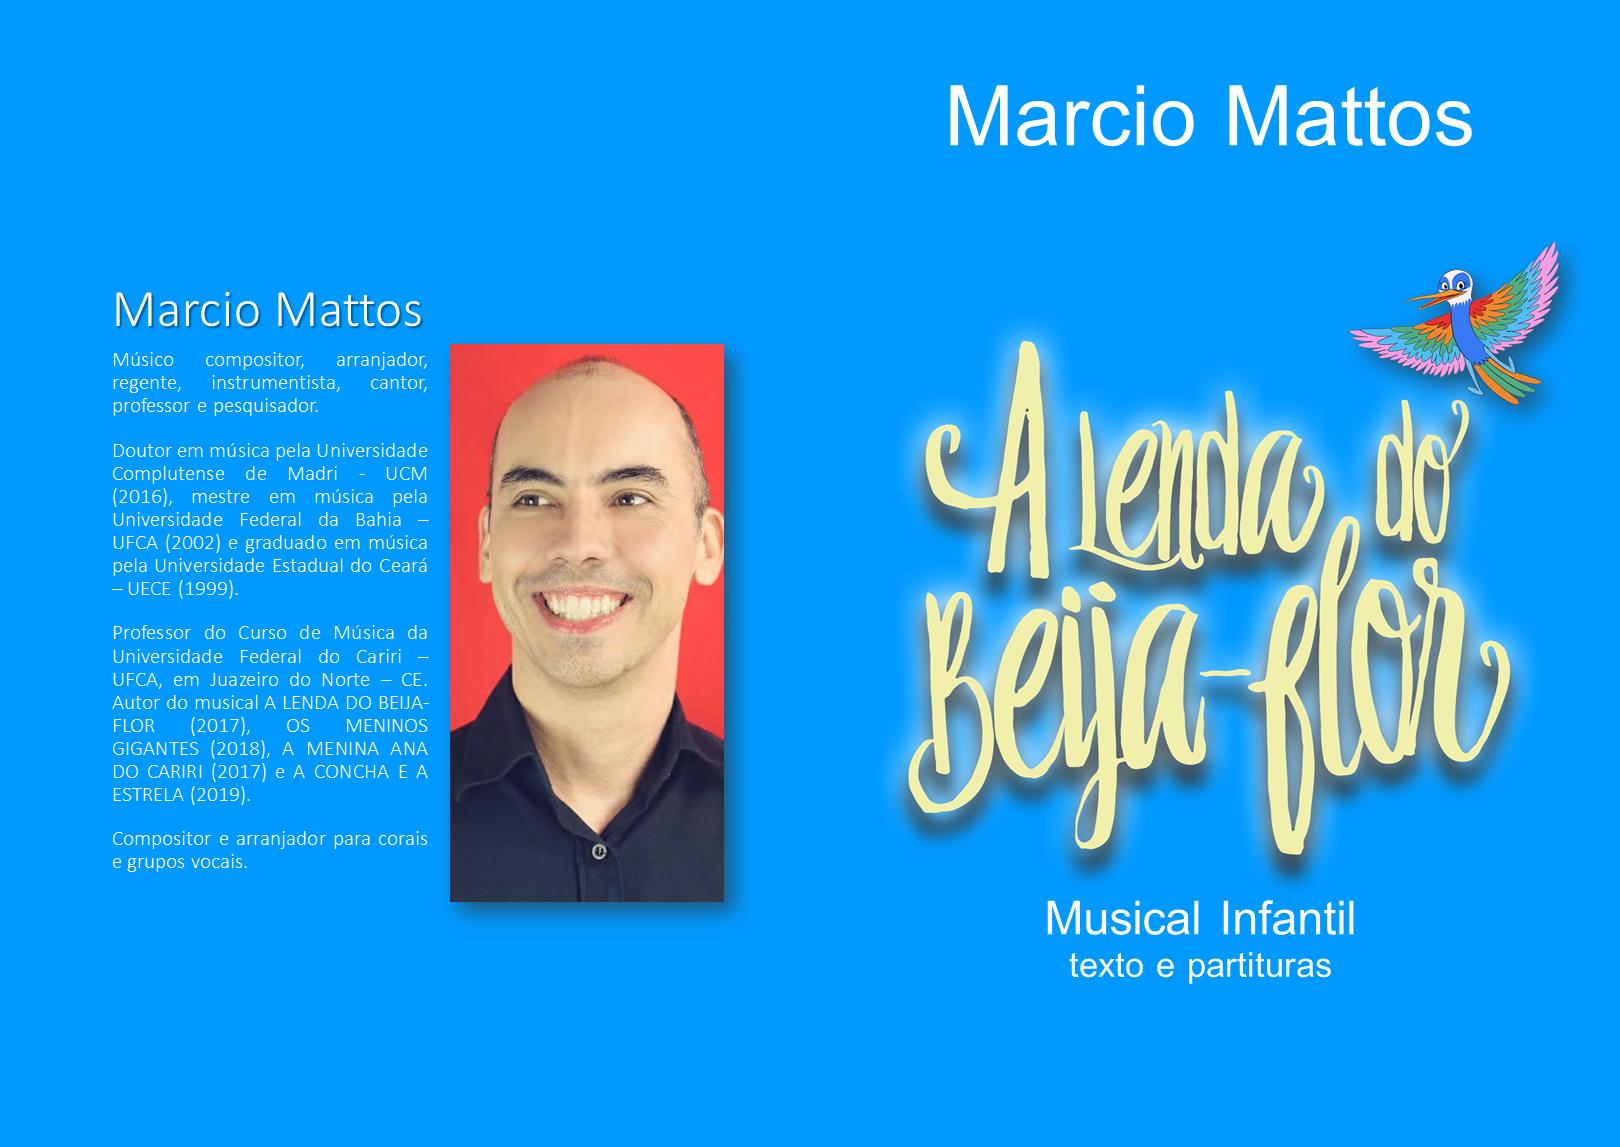 Capa do livreto do musical A lenda do beija-flor